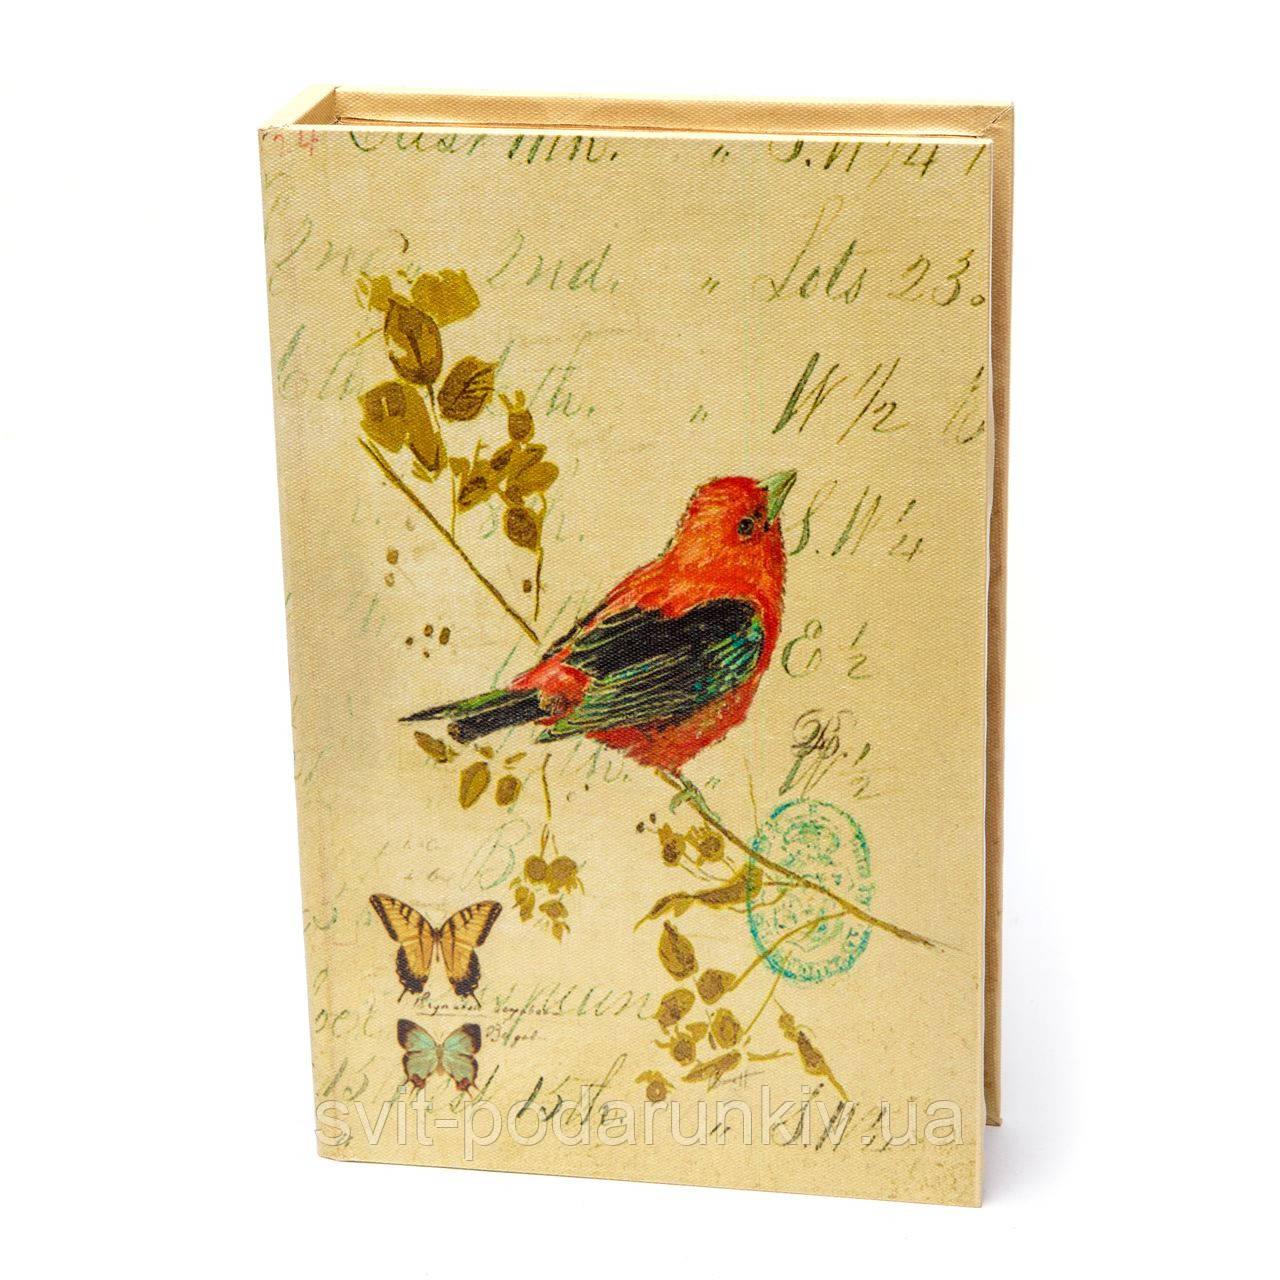 Шкатулка книга в стиле прованс с изображением птички S9158-8